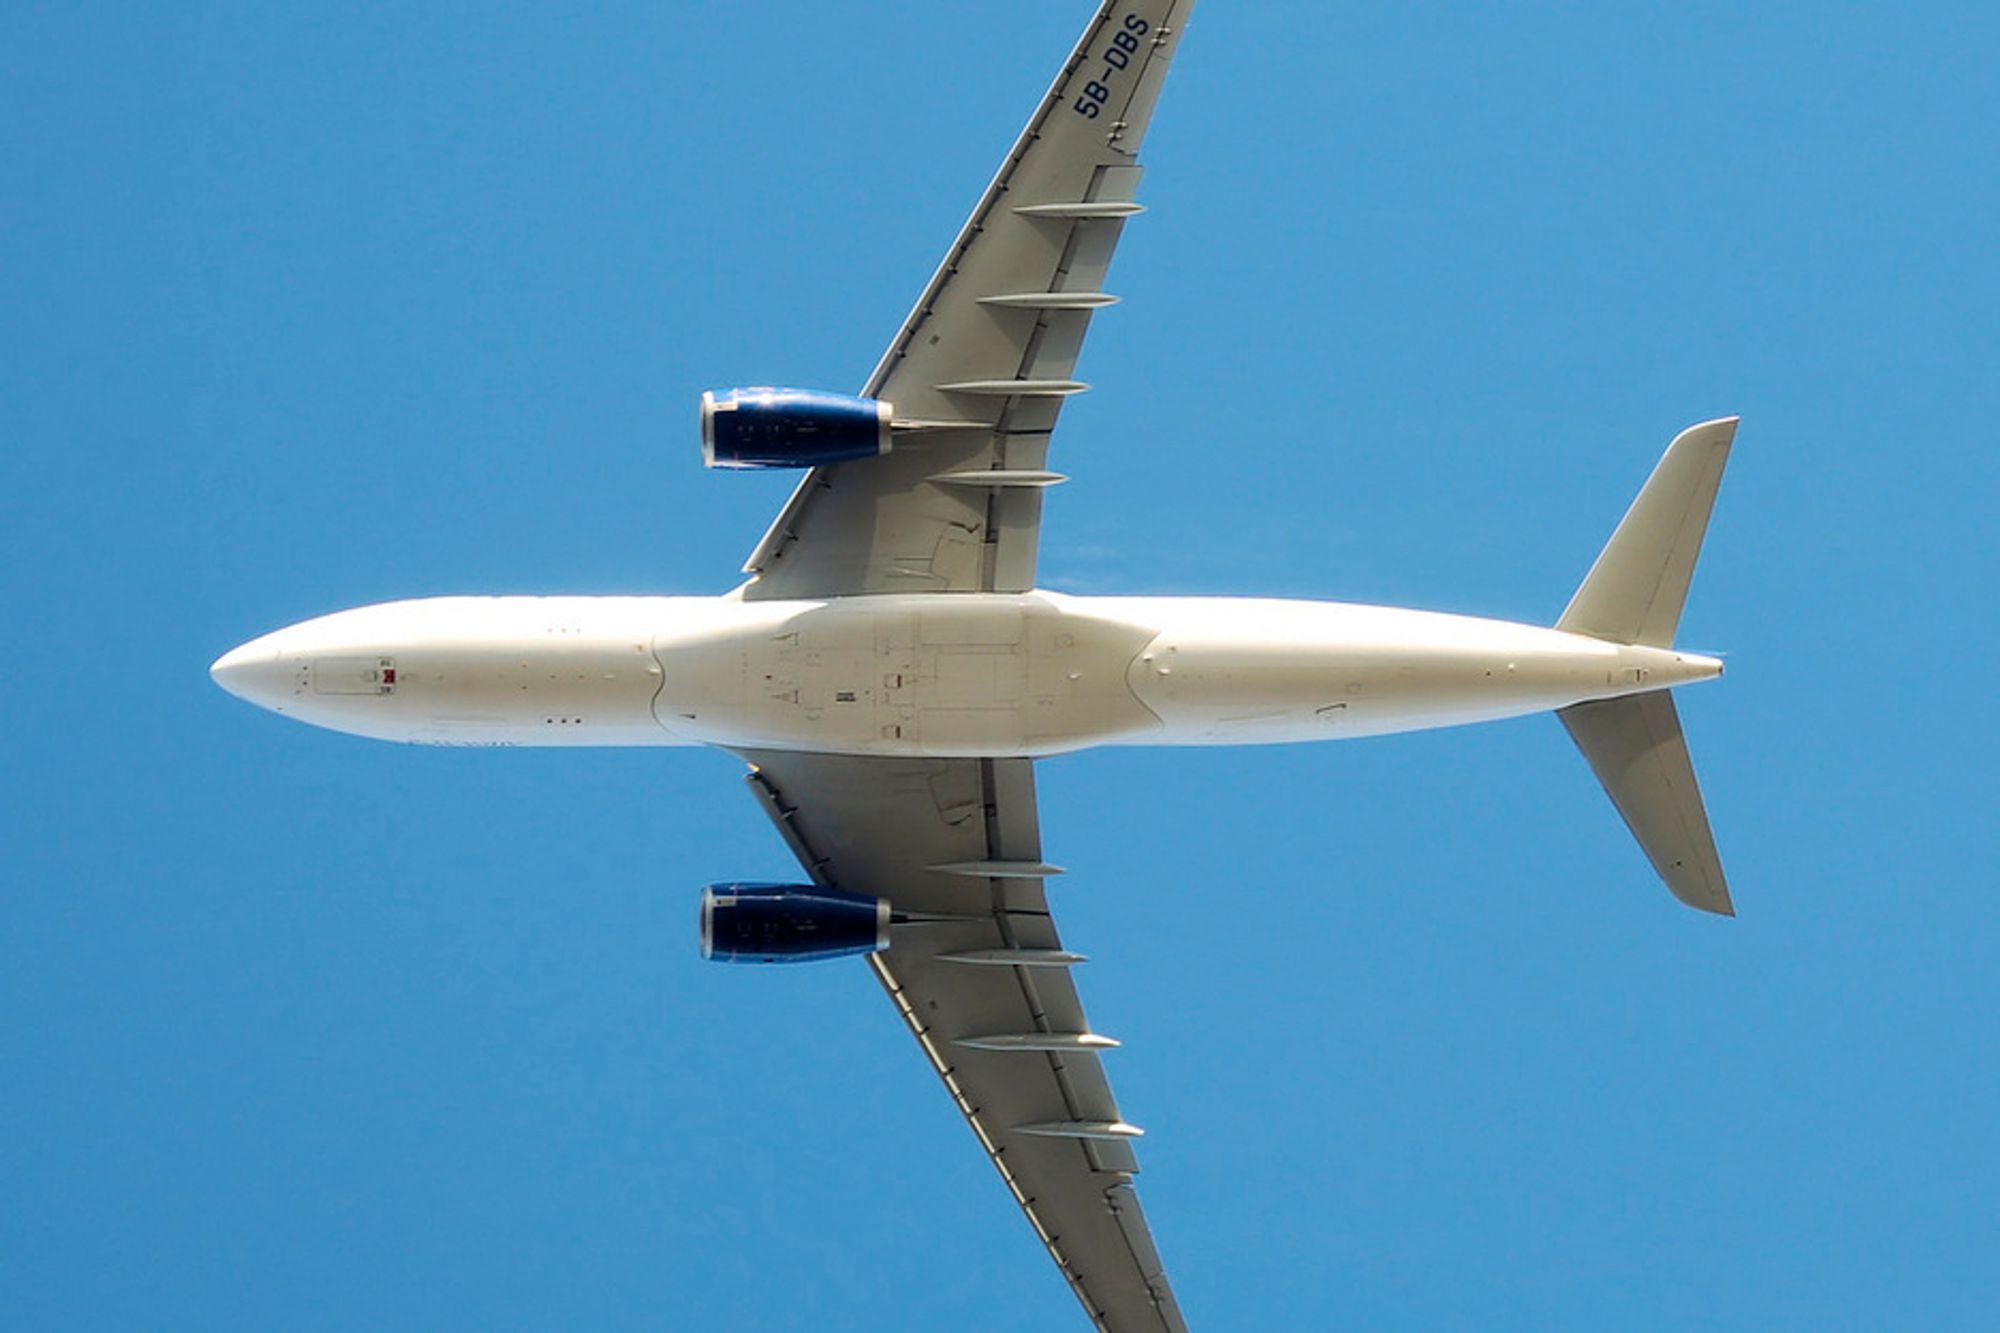 Nyoppstartede Feel Air vil fly Airbus A330-200 fra Oslo og Stockholm til New York og Bangkok.